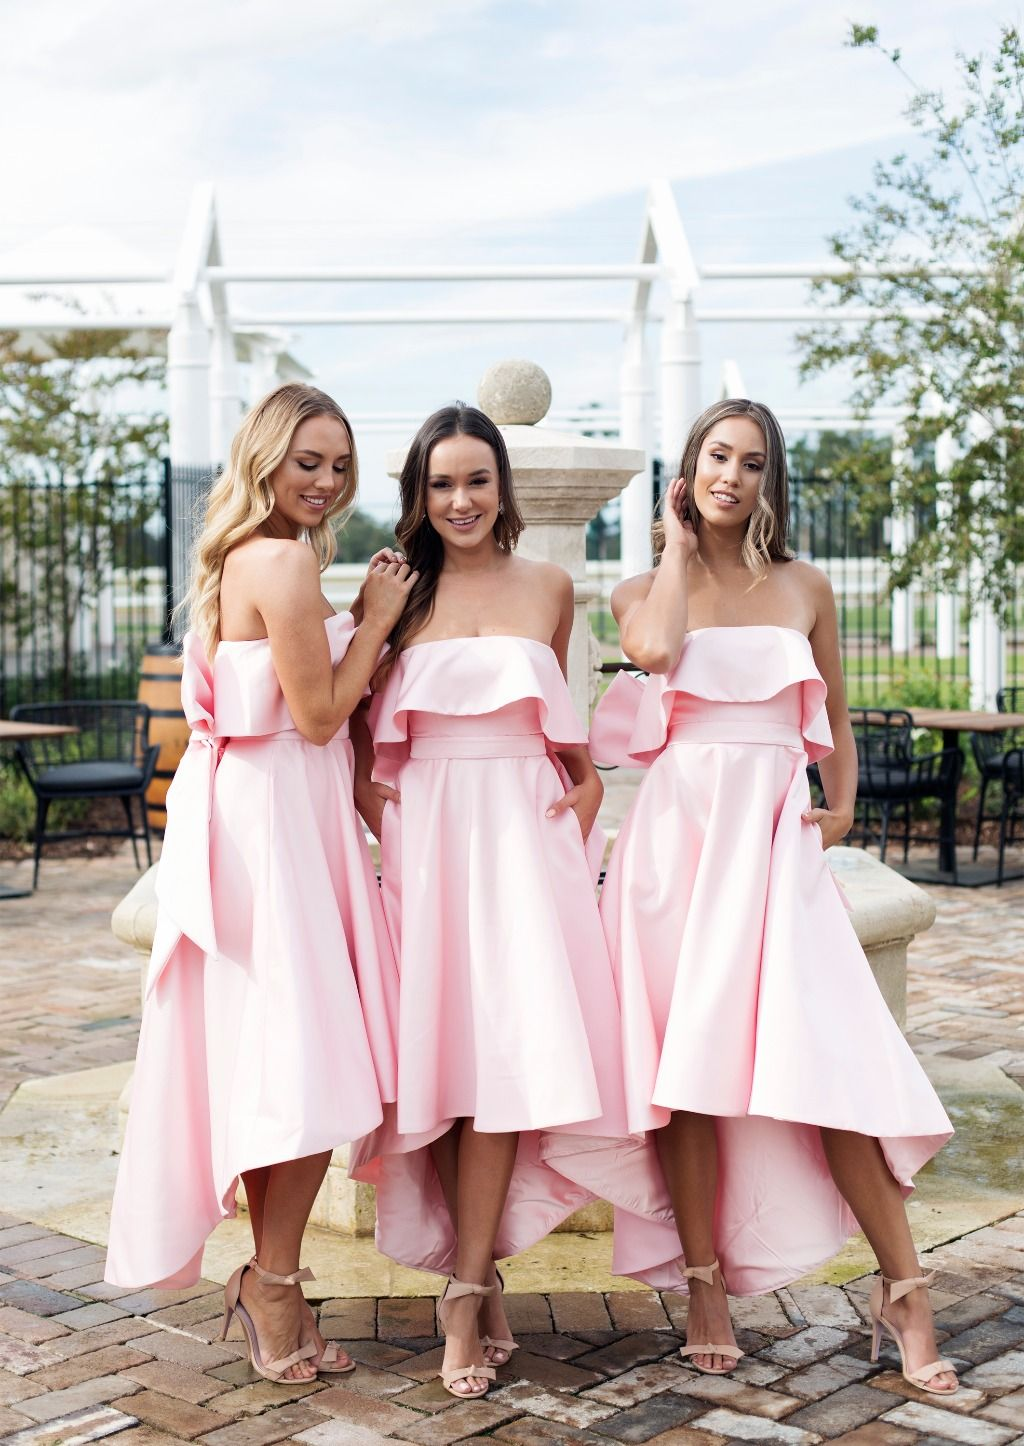 Coco Dress Pink Bridesmaid Dresses Short Bridesmaid Dresses Strapless High Low Bridesmaid Dresses [ 1446 x 1024 Pixel ]